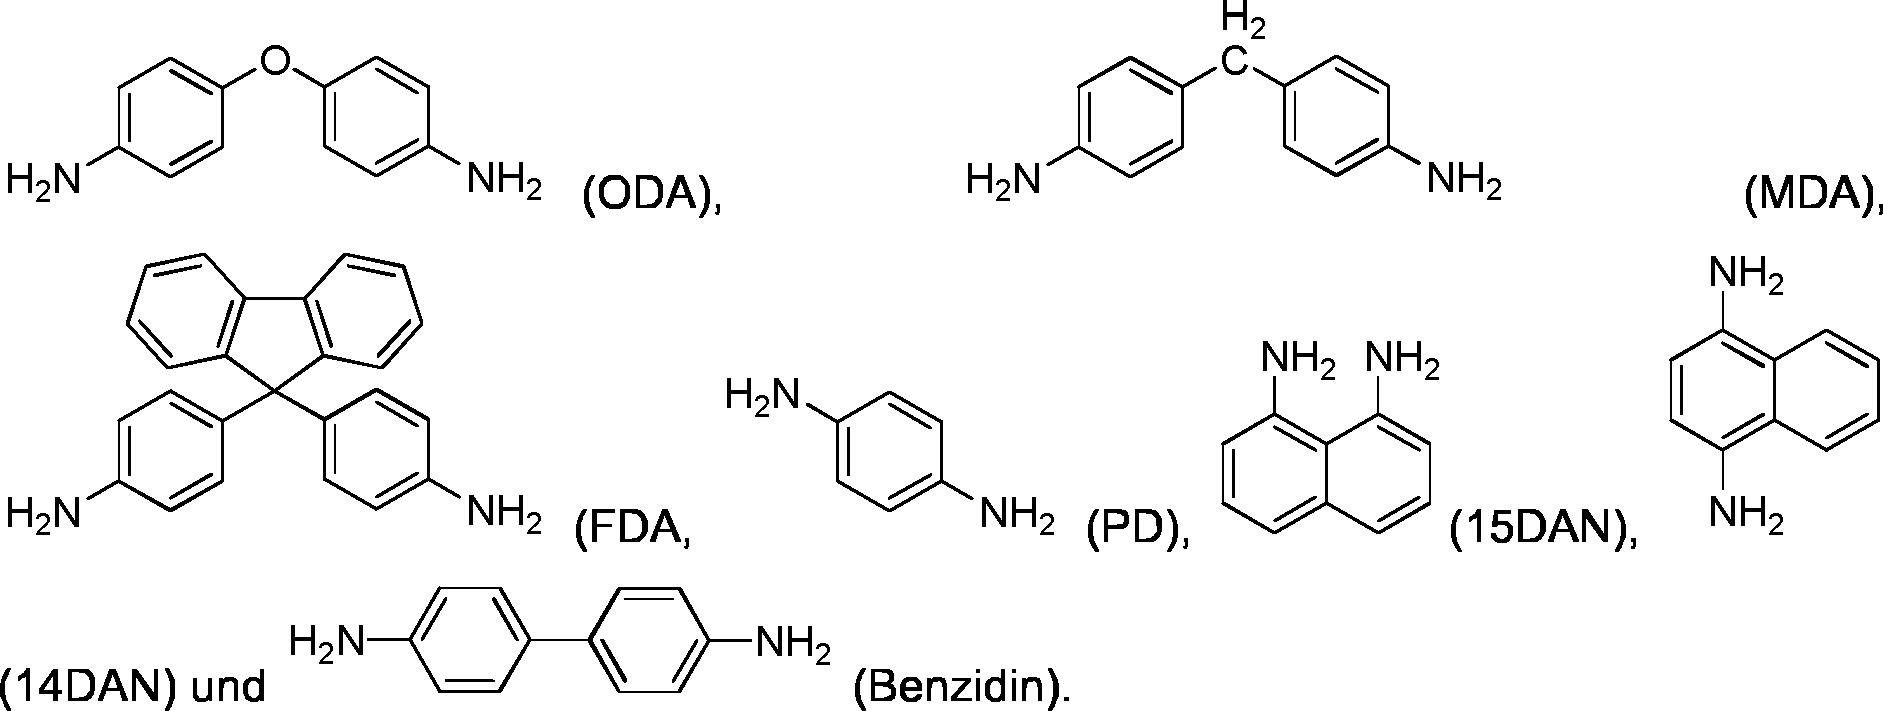 Figure DE112014004152T5_0023